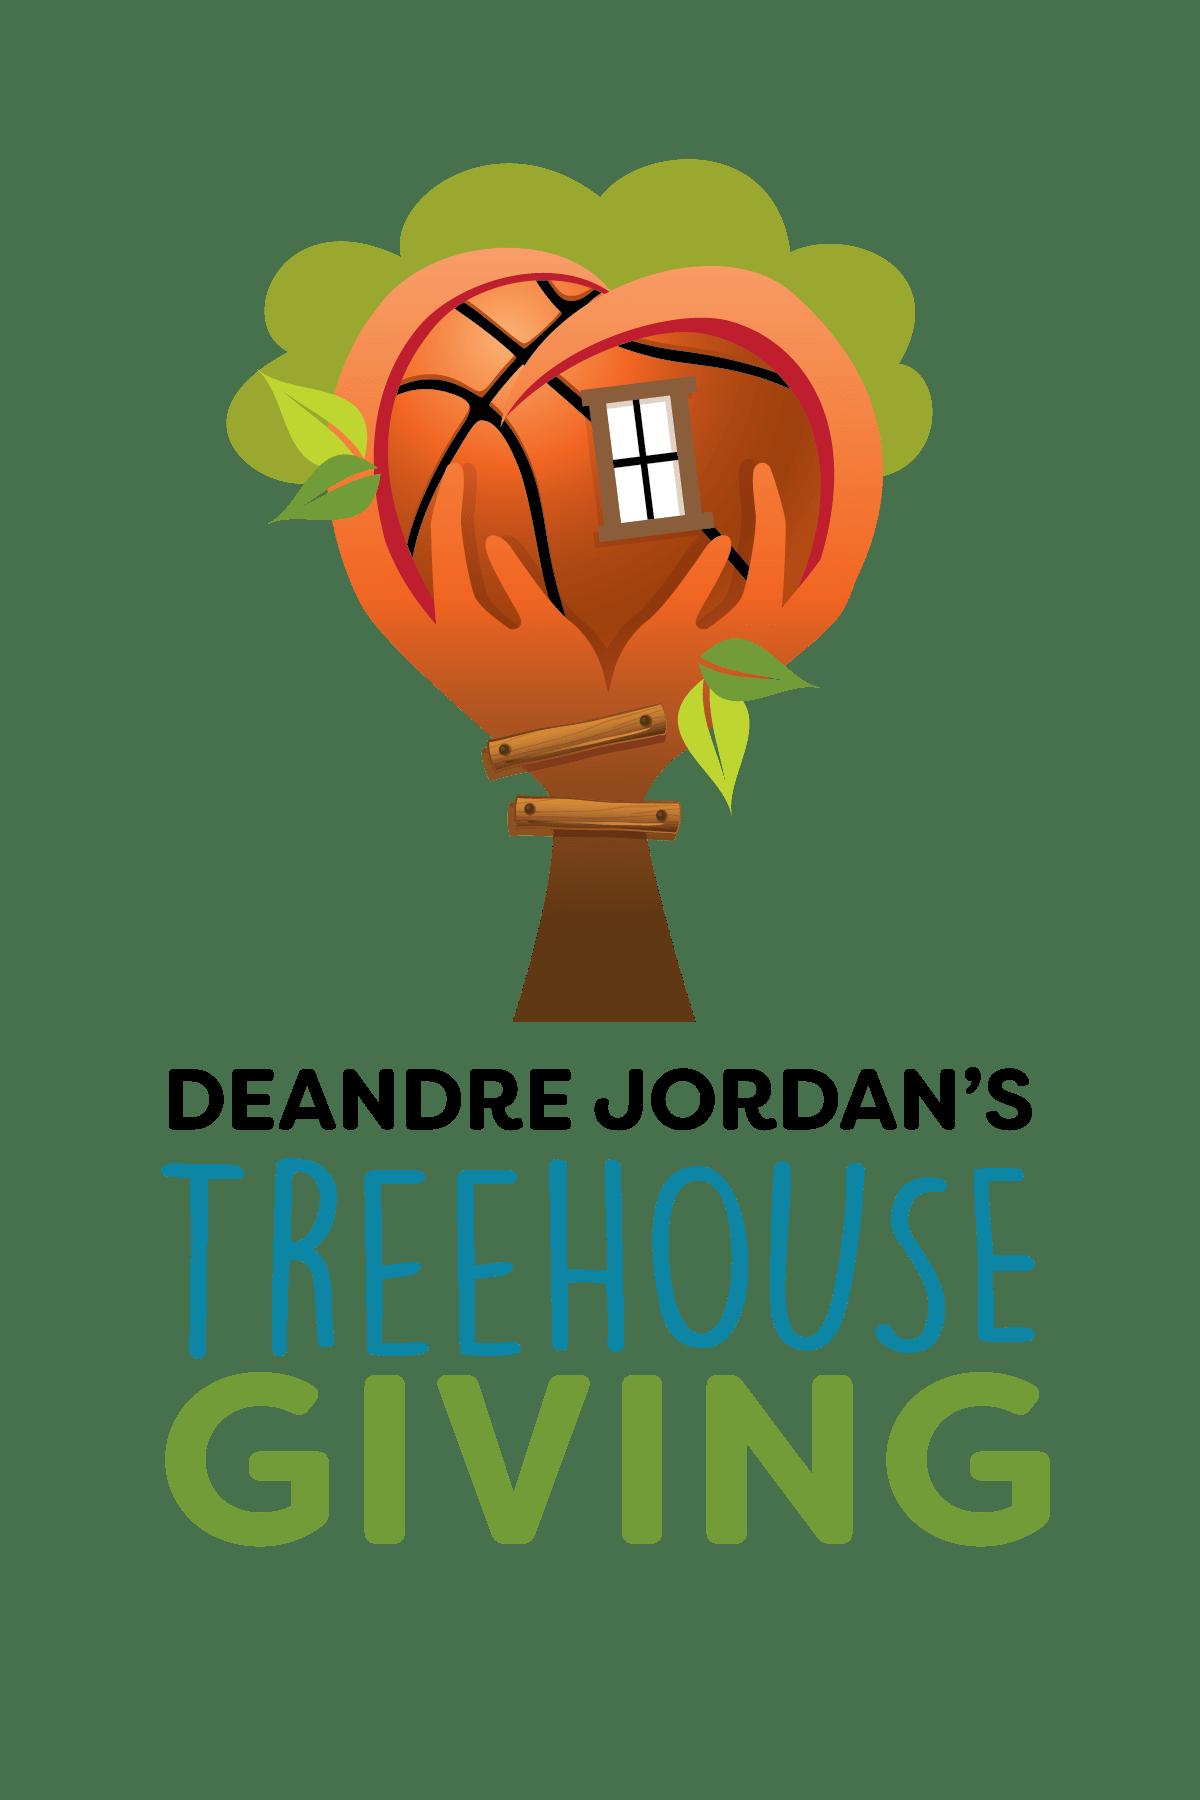 DeAndre Jordan Treehouse Giving